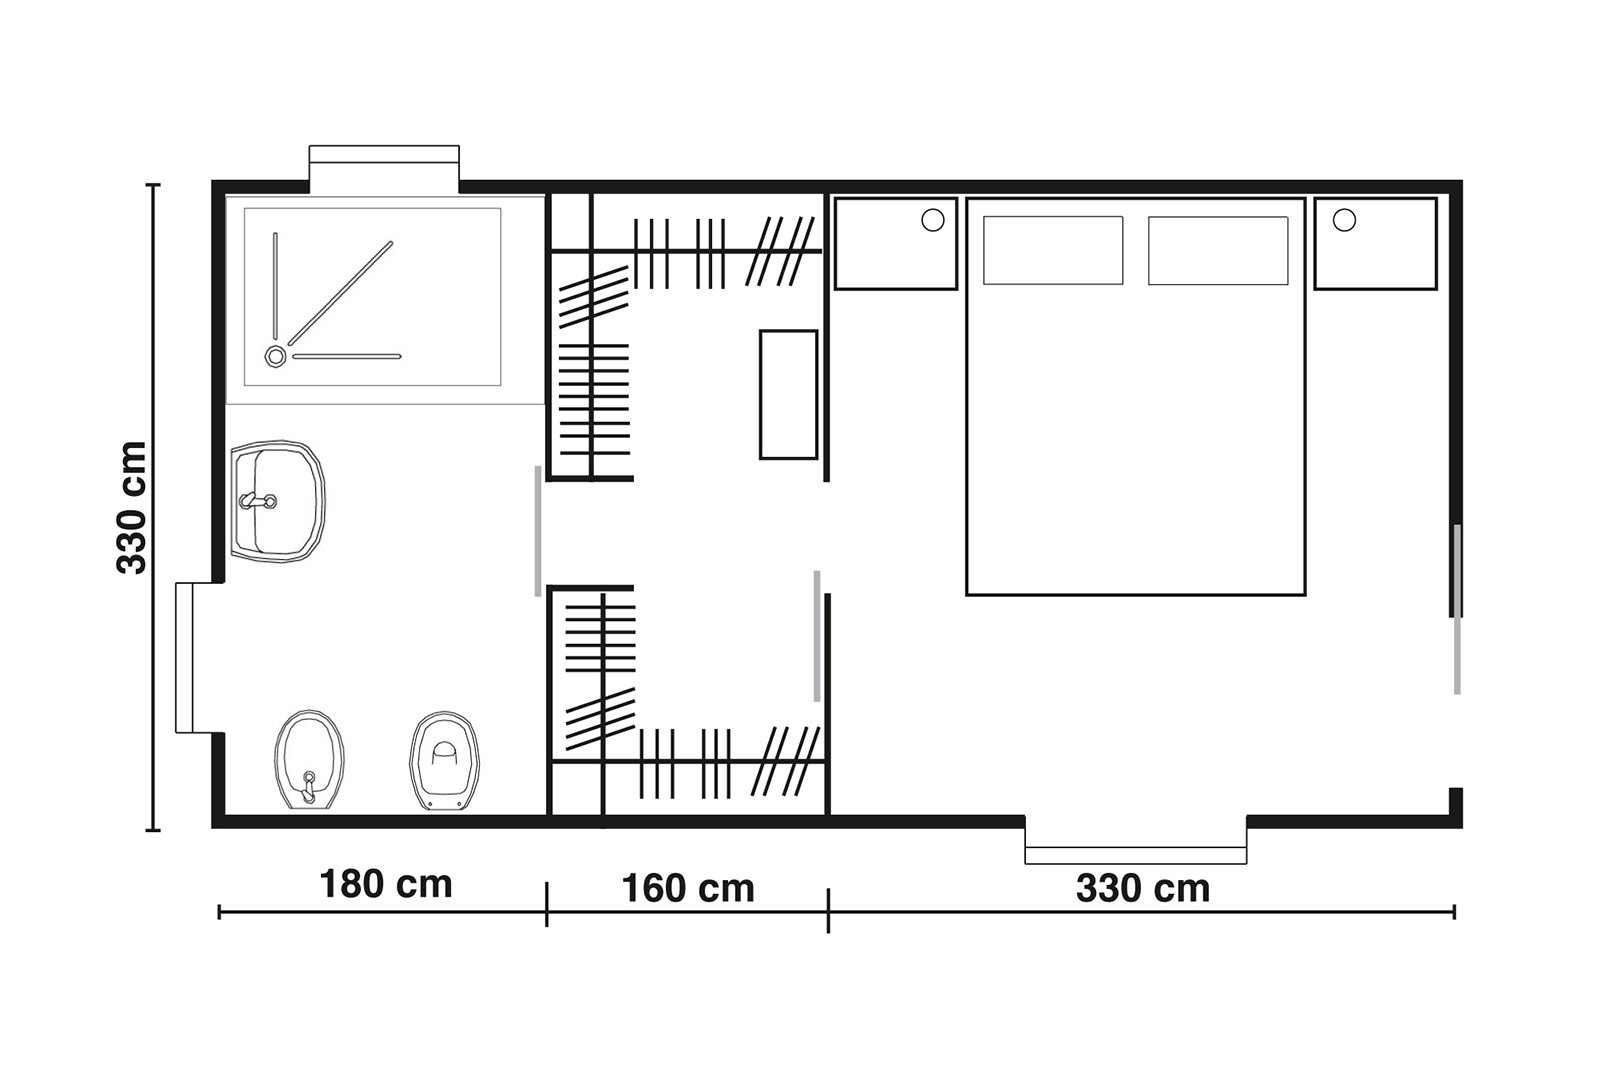 Cabine armadio progettiamo insieme lo spazio cose di casa - Misure bagno minimo ...